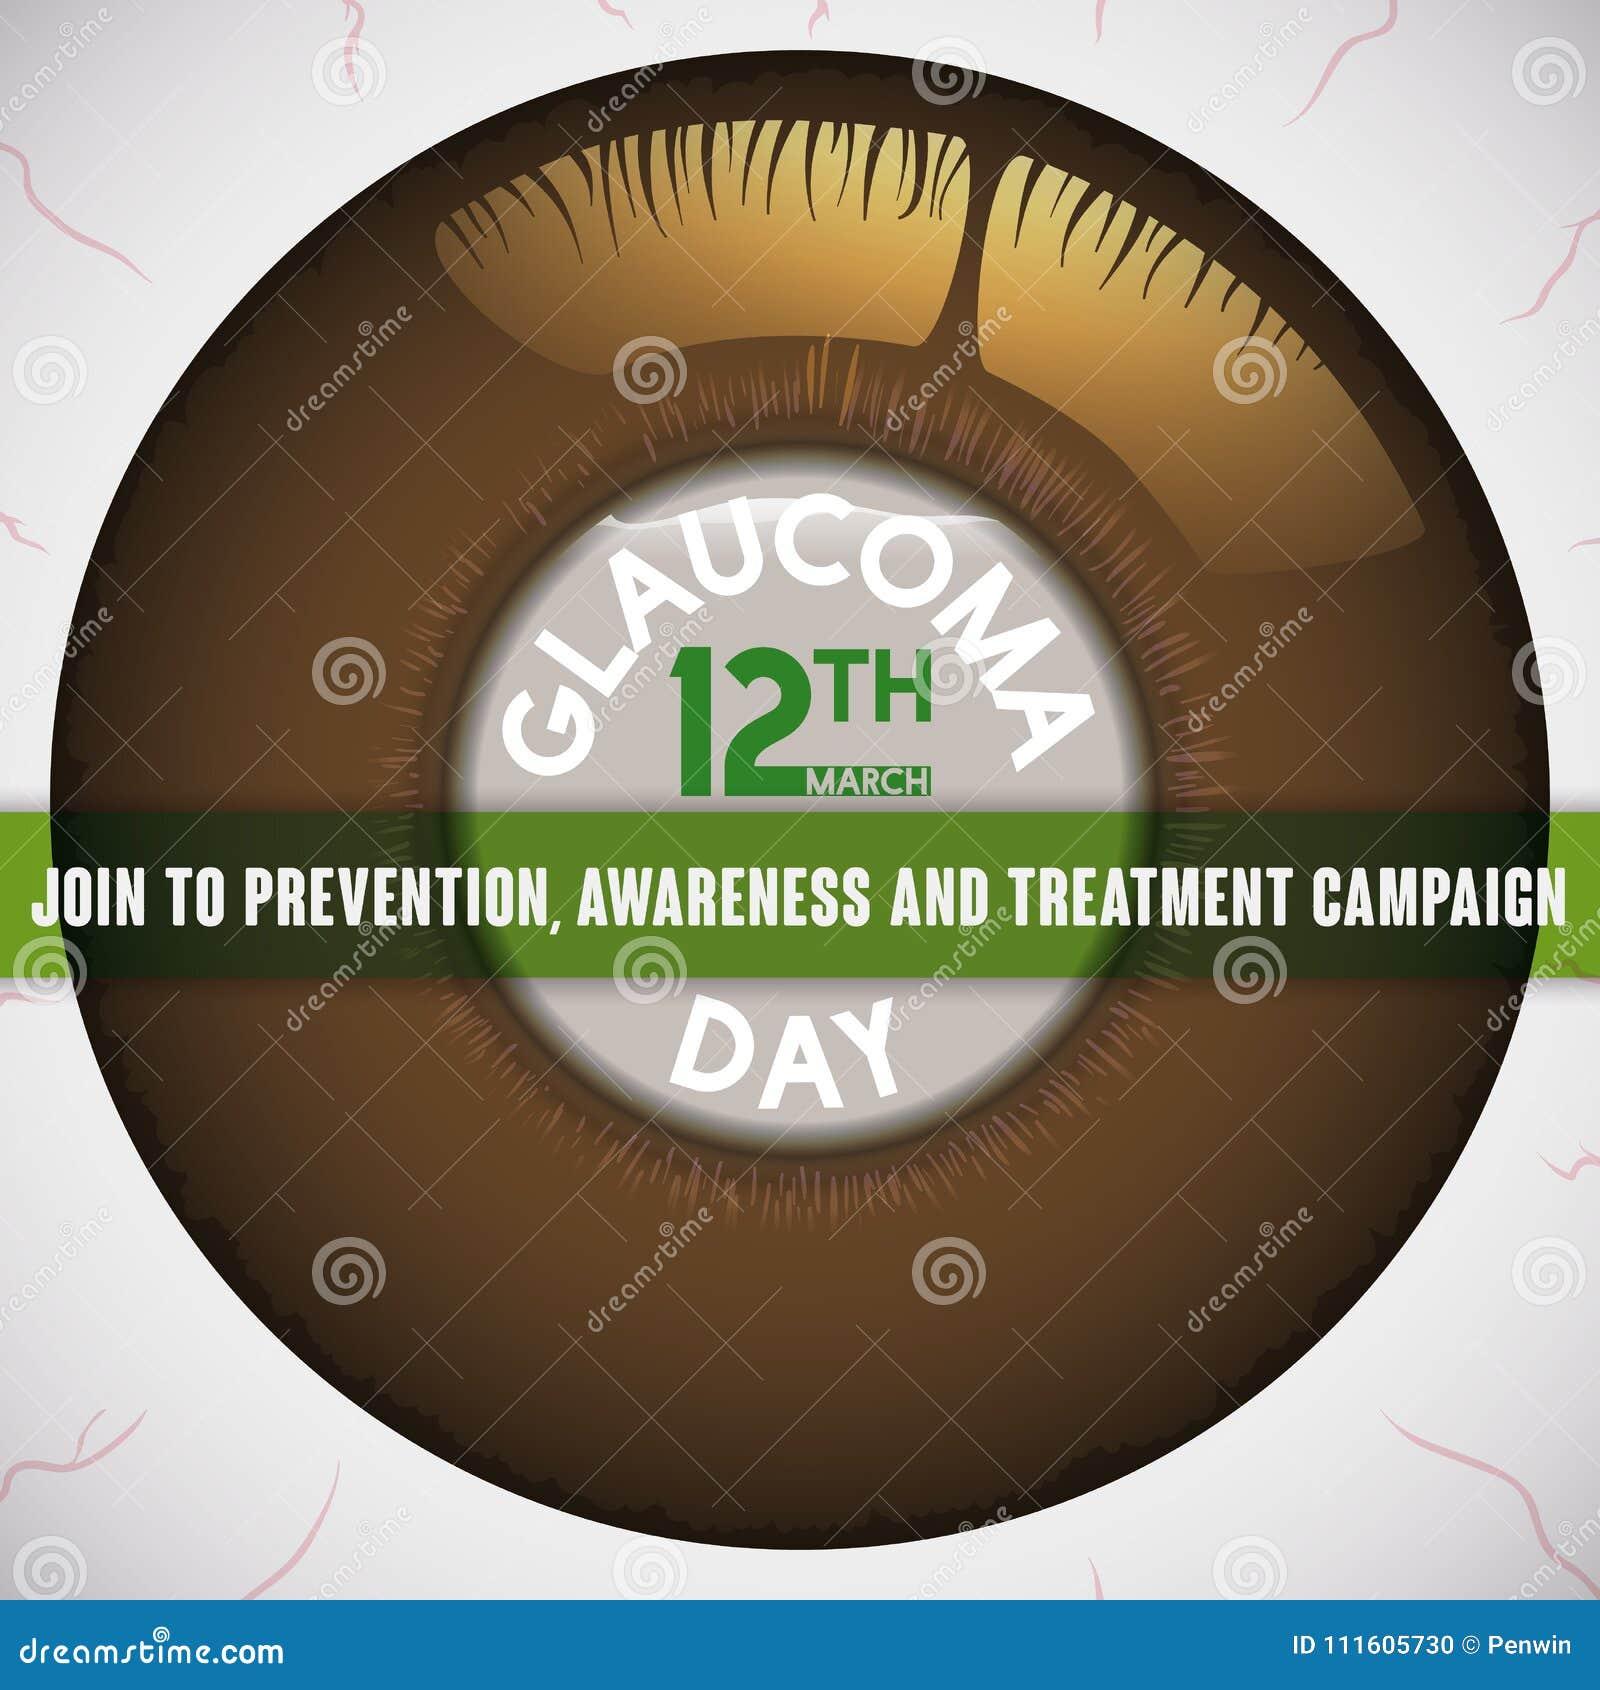 Olho doente com a córnea hidrópico que promove a campanha preventiva contra a glaucoma, ilustração do vetor